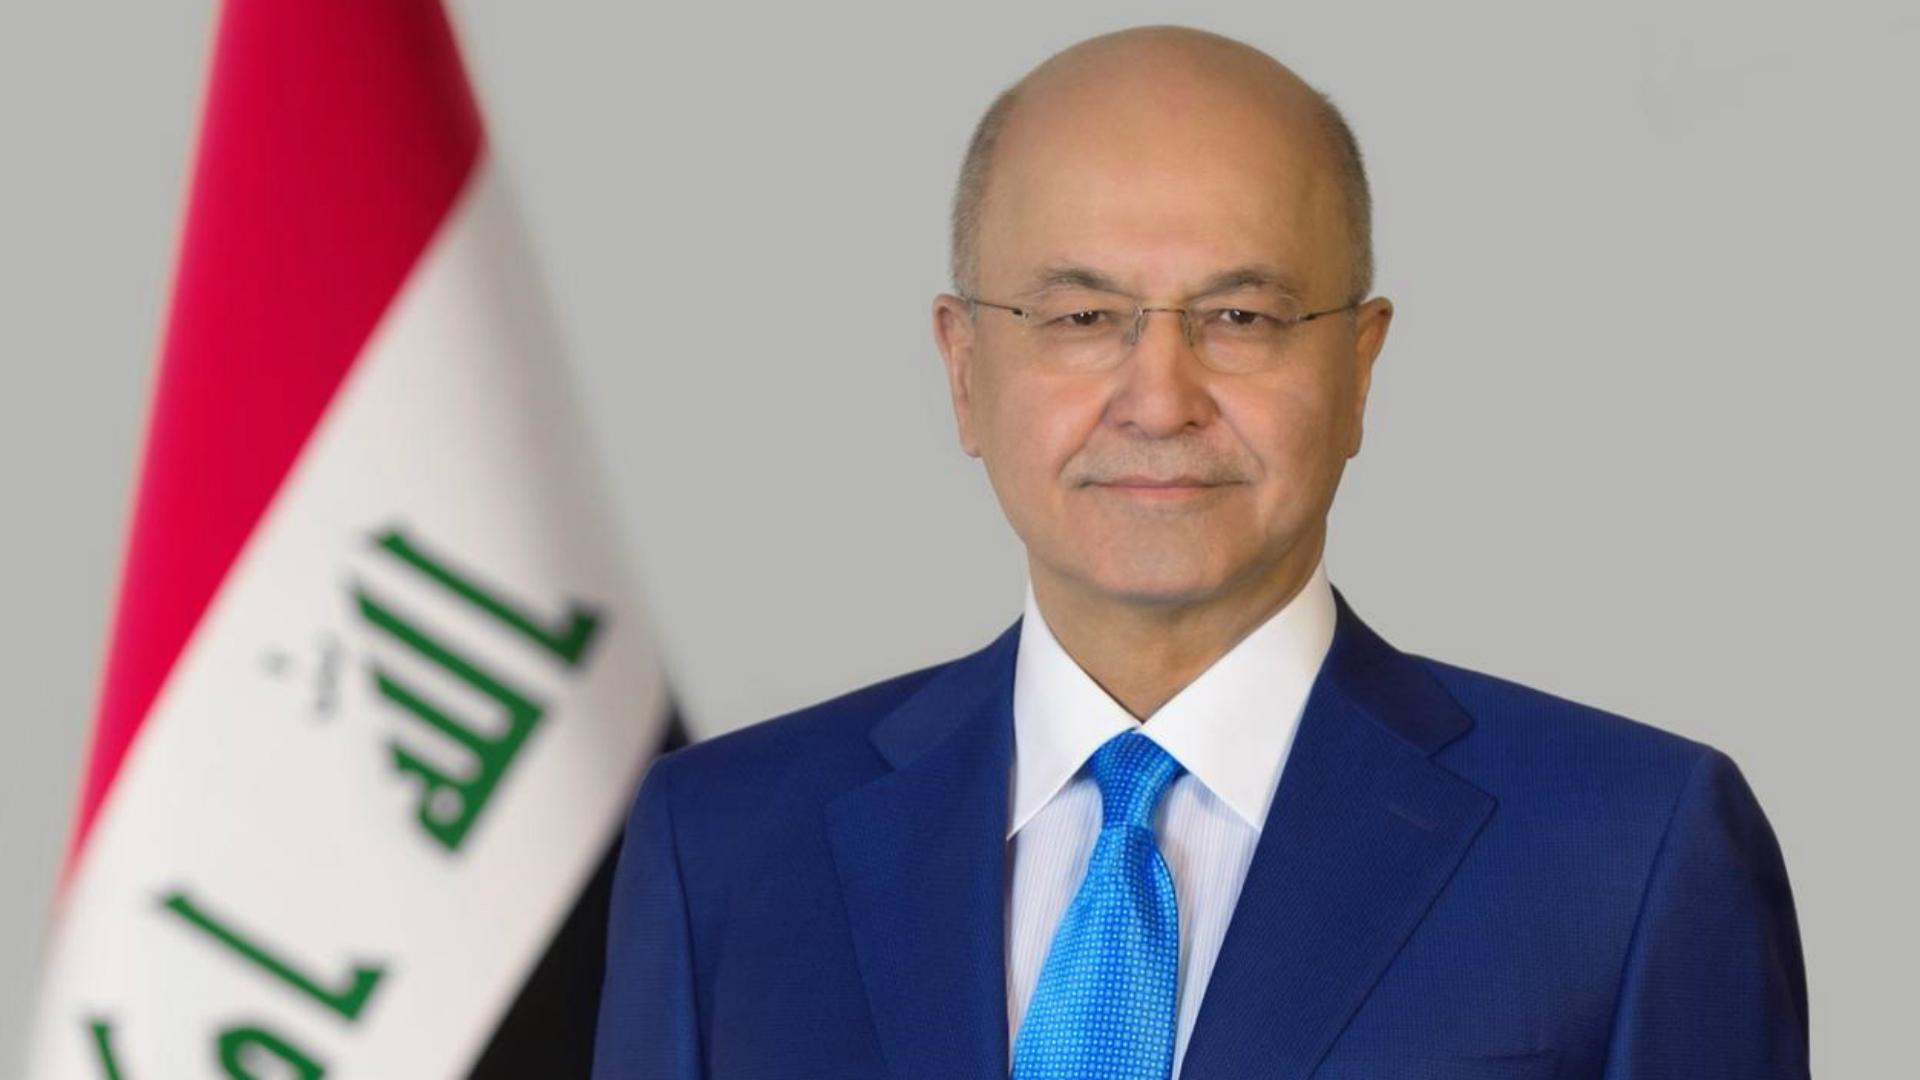 الرئيس صالح يشدد على ضرورة الحفاظ على السلم في المنطقة